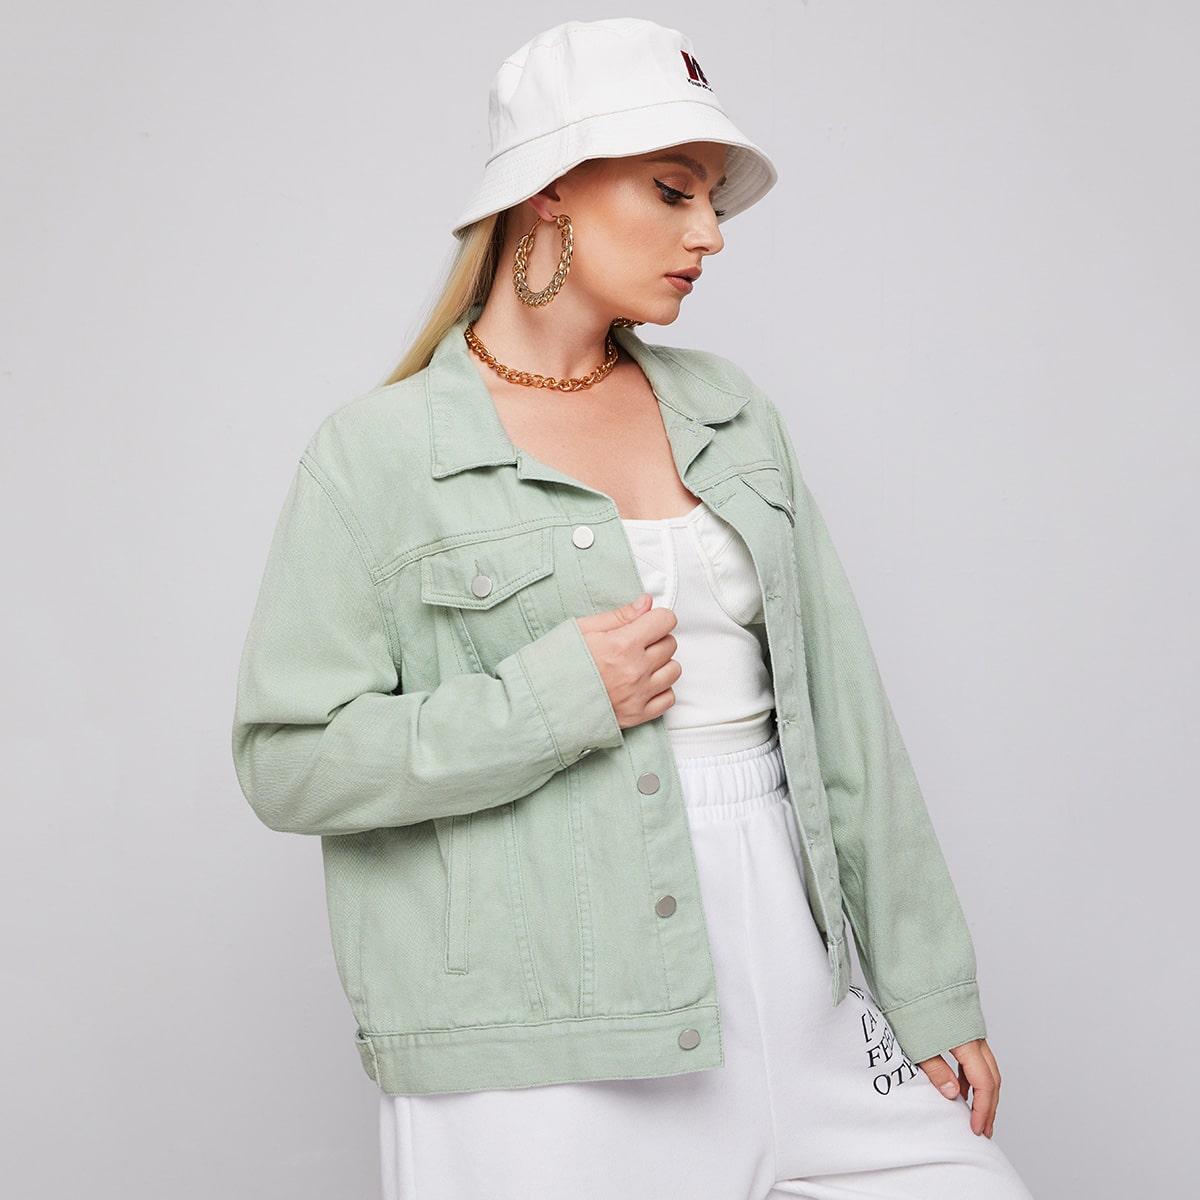 Пуговица Одноцветный Повседневный Джинсовая куртка размера плюс